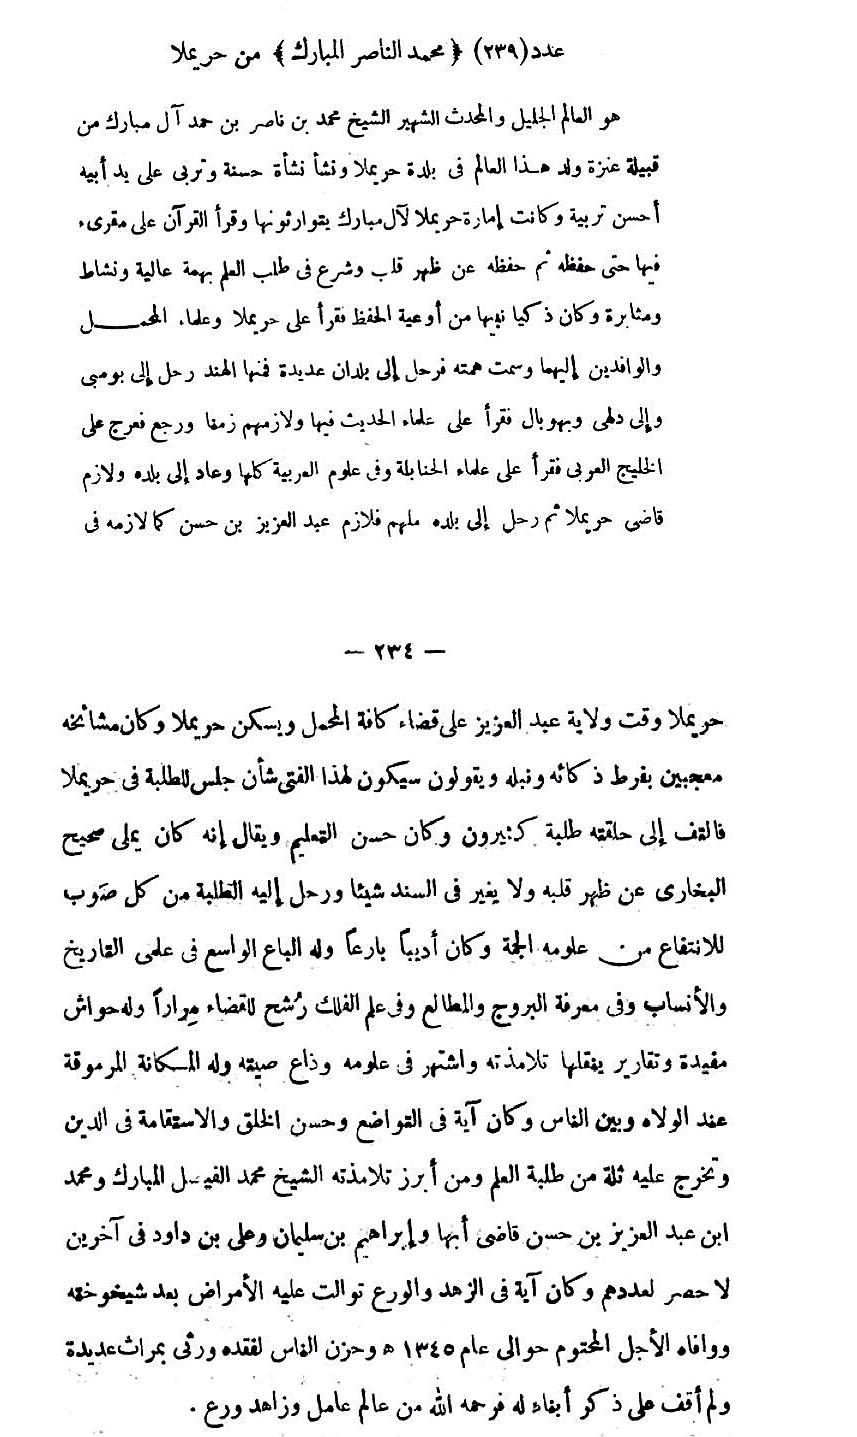 محمد بن ناصر بن حمد آل مبارك آل حمد